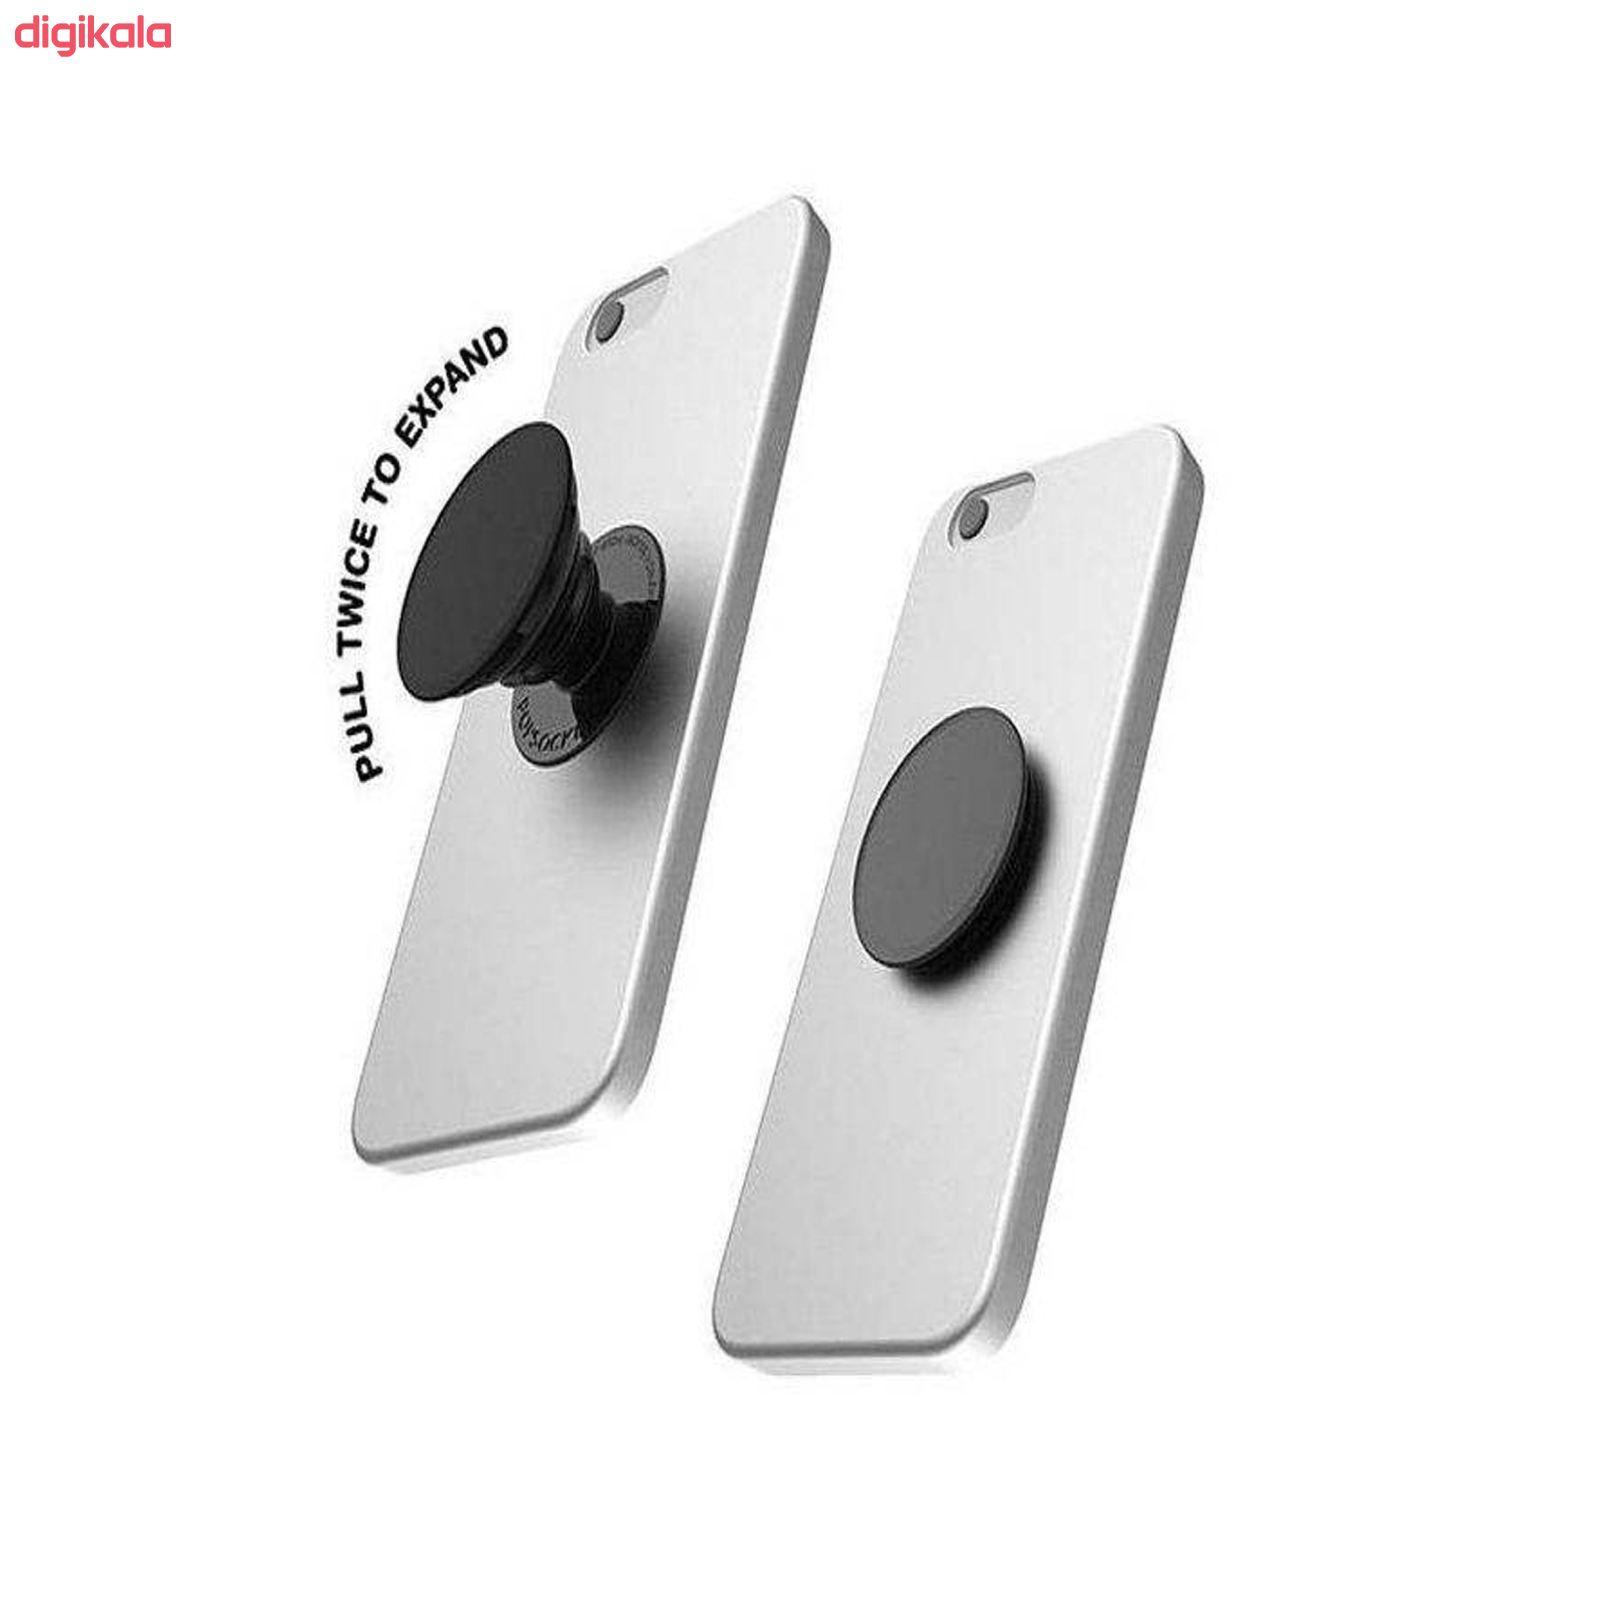 نگهدارنده گوشی موبایل مدل پایه نگهدارنده گوشی موبایل پاپ سوکت مدل F123 main 1 2